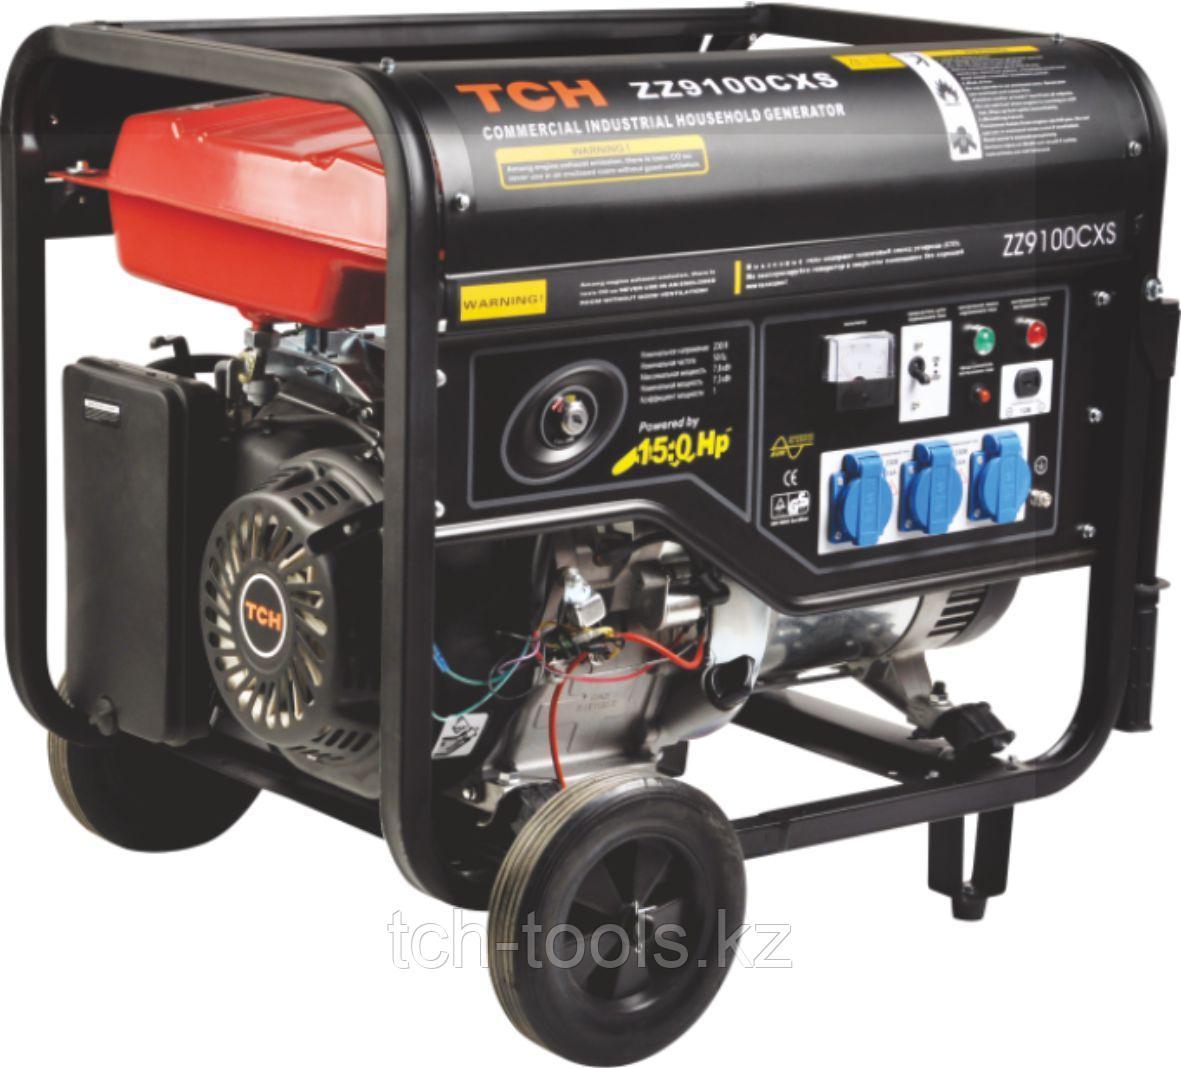 Бензиновый генератор 7 кВт 220В